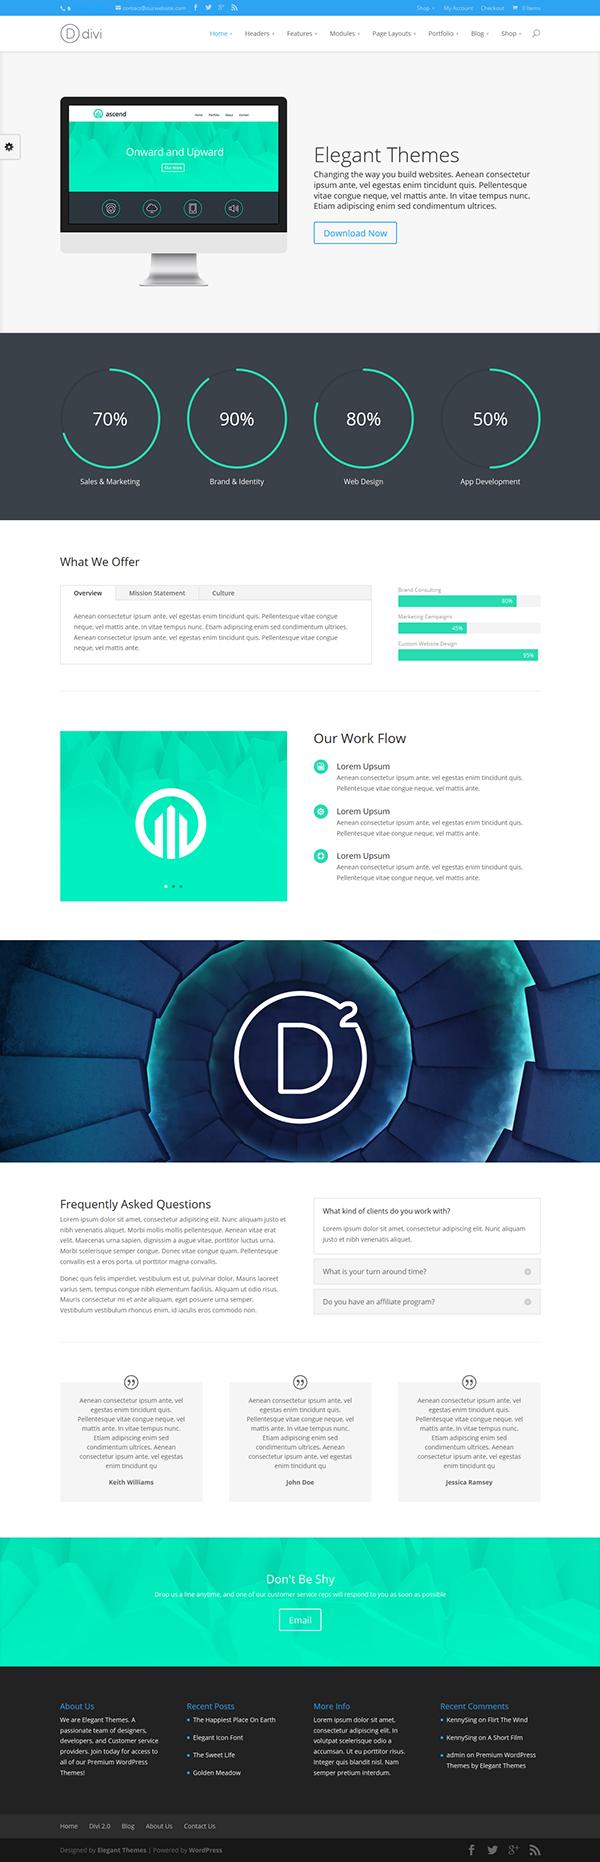 Erfreut Wordpress Webdesign Vorlage Fotos - Beispiel Business ...